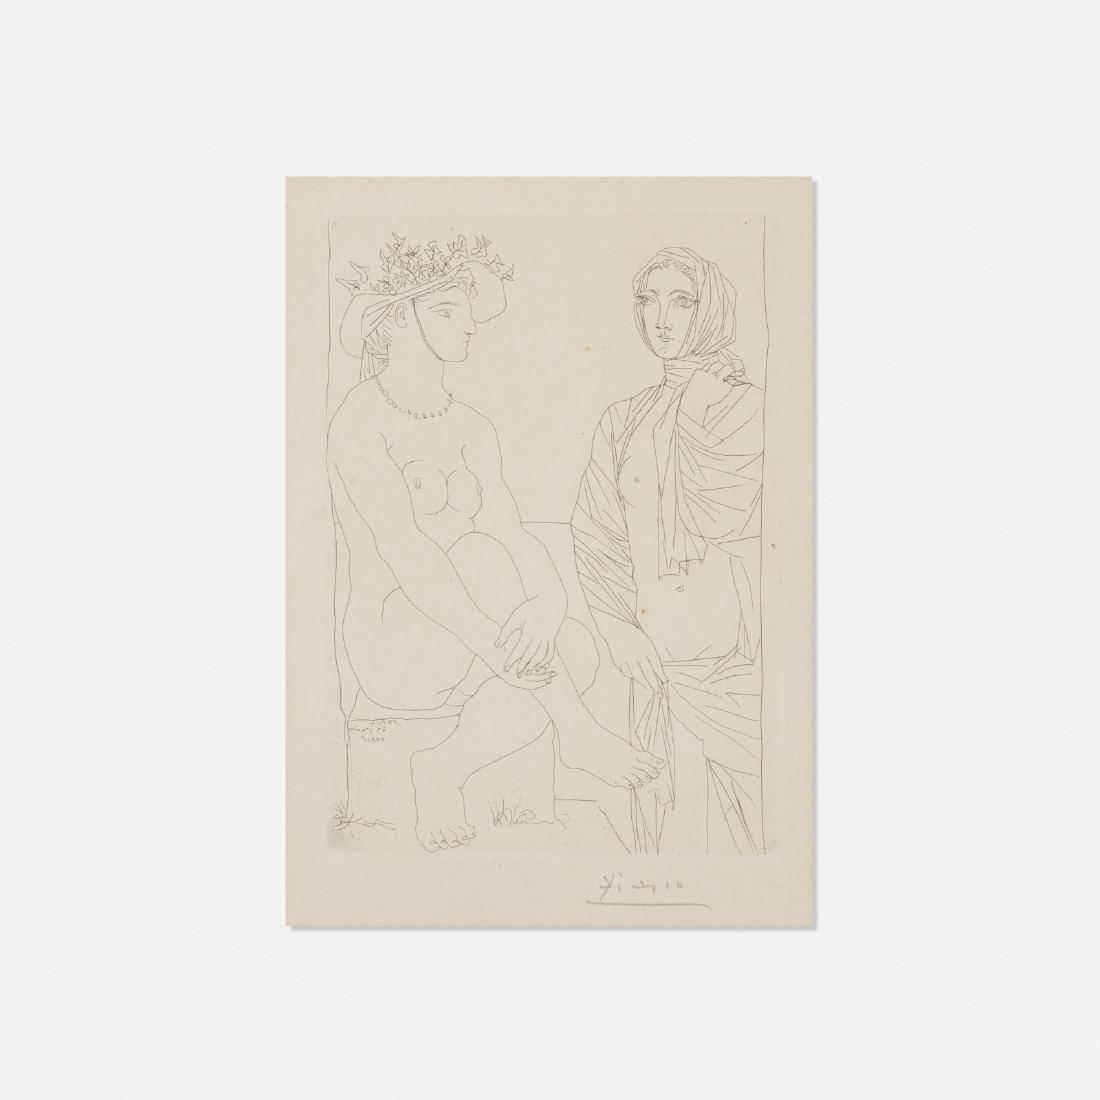 Pablo Picasso, Femme assise au Chapeau et Femme